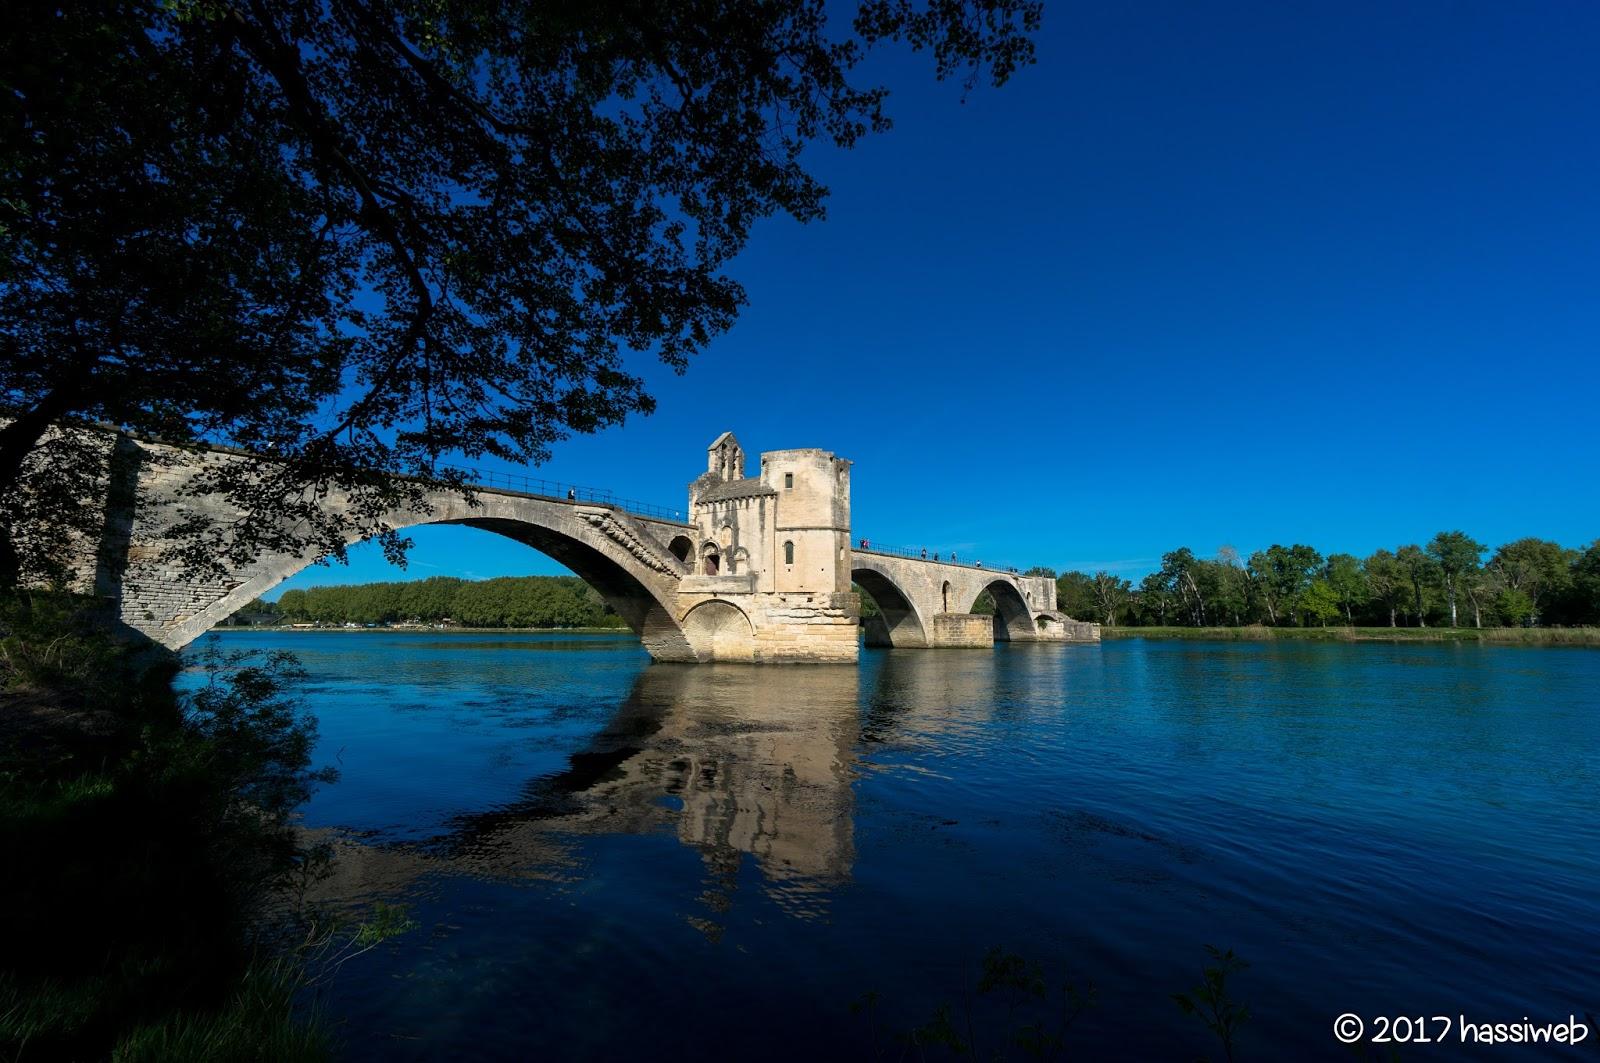 サン・べネぜ橋/アヴィニョン橋 (Pont Saint-Bénézet/ Pont d'Avignon)